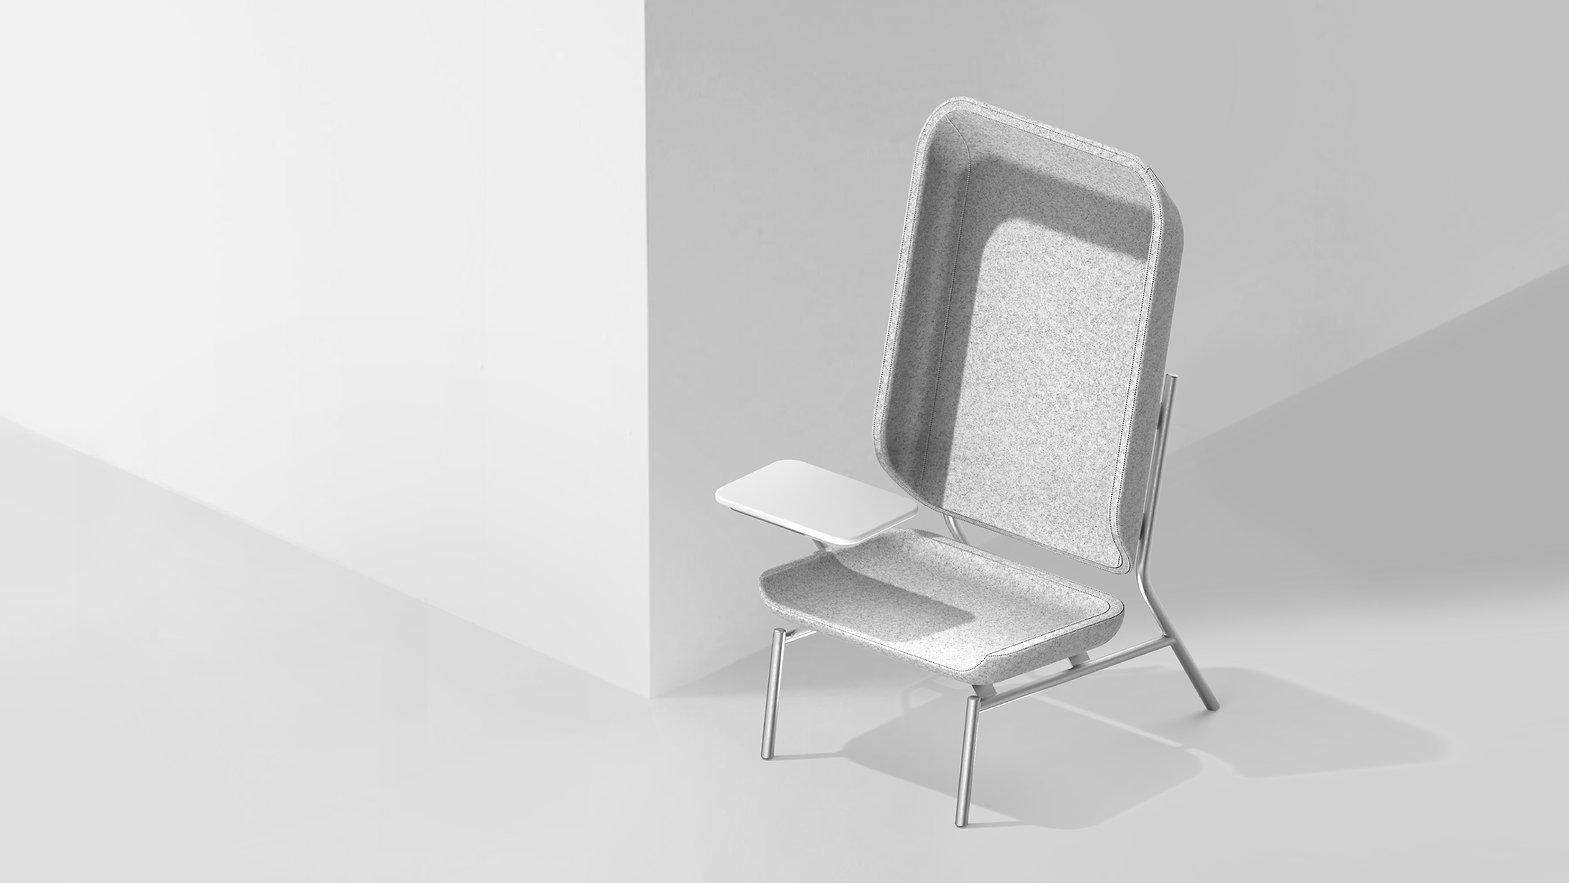 furniture_for_website-04.jpg